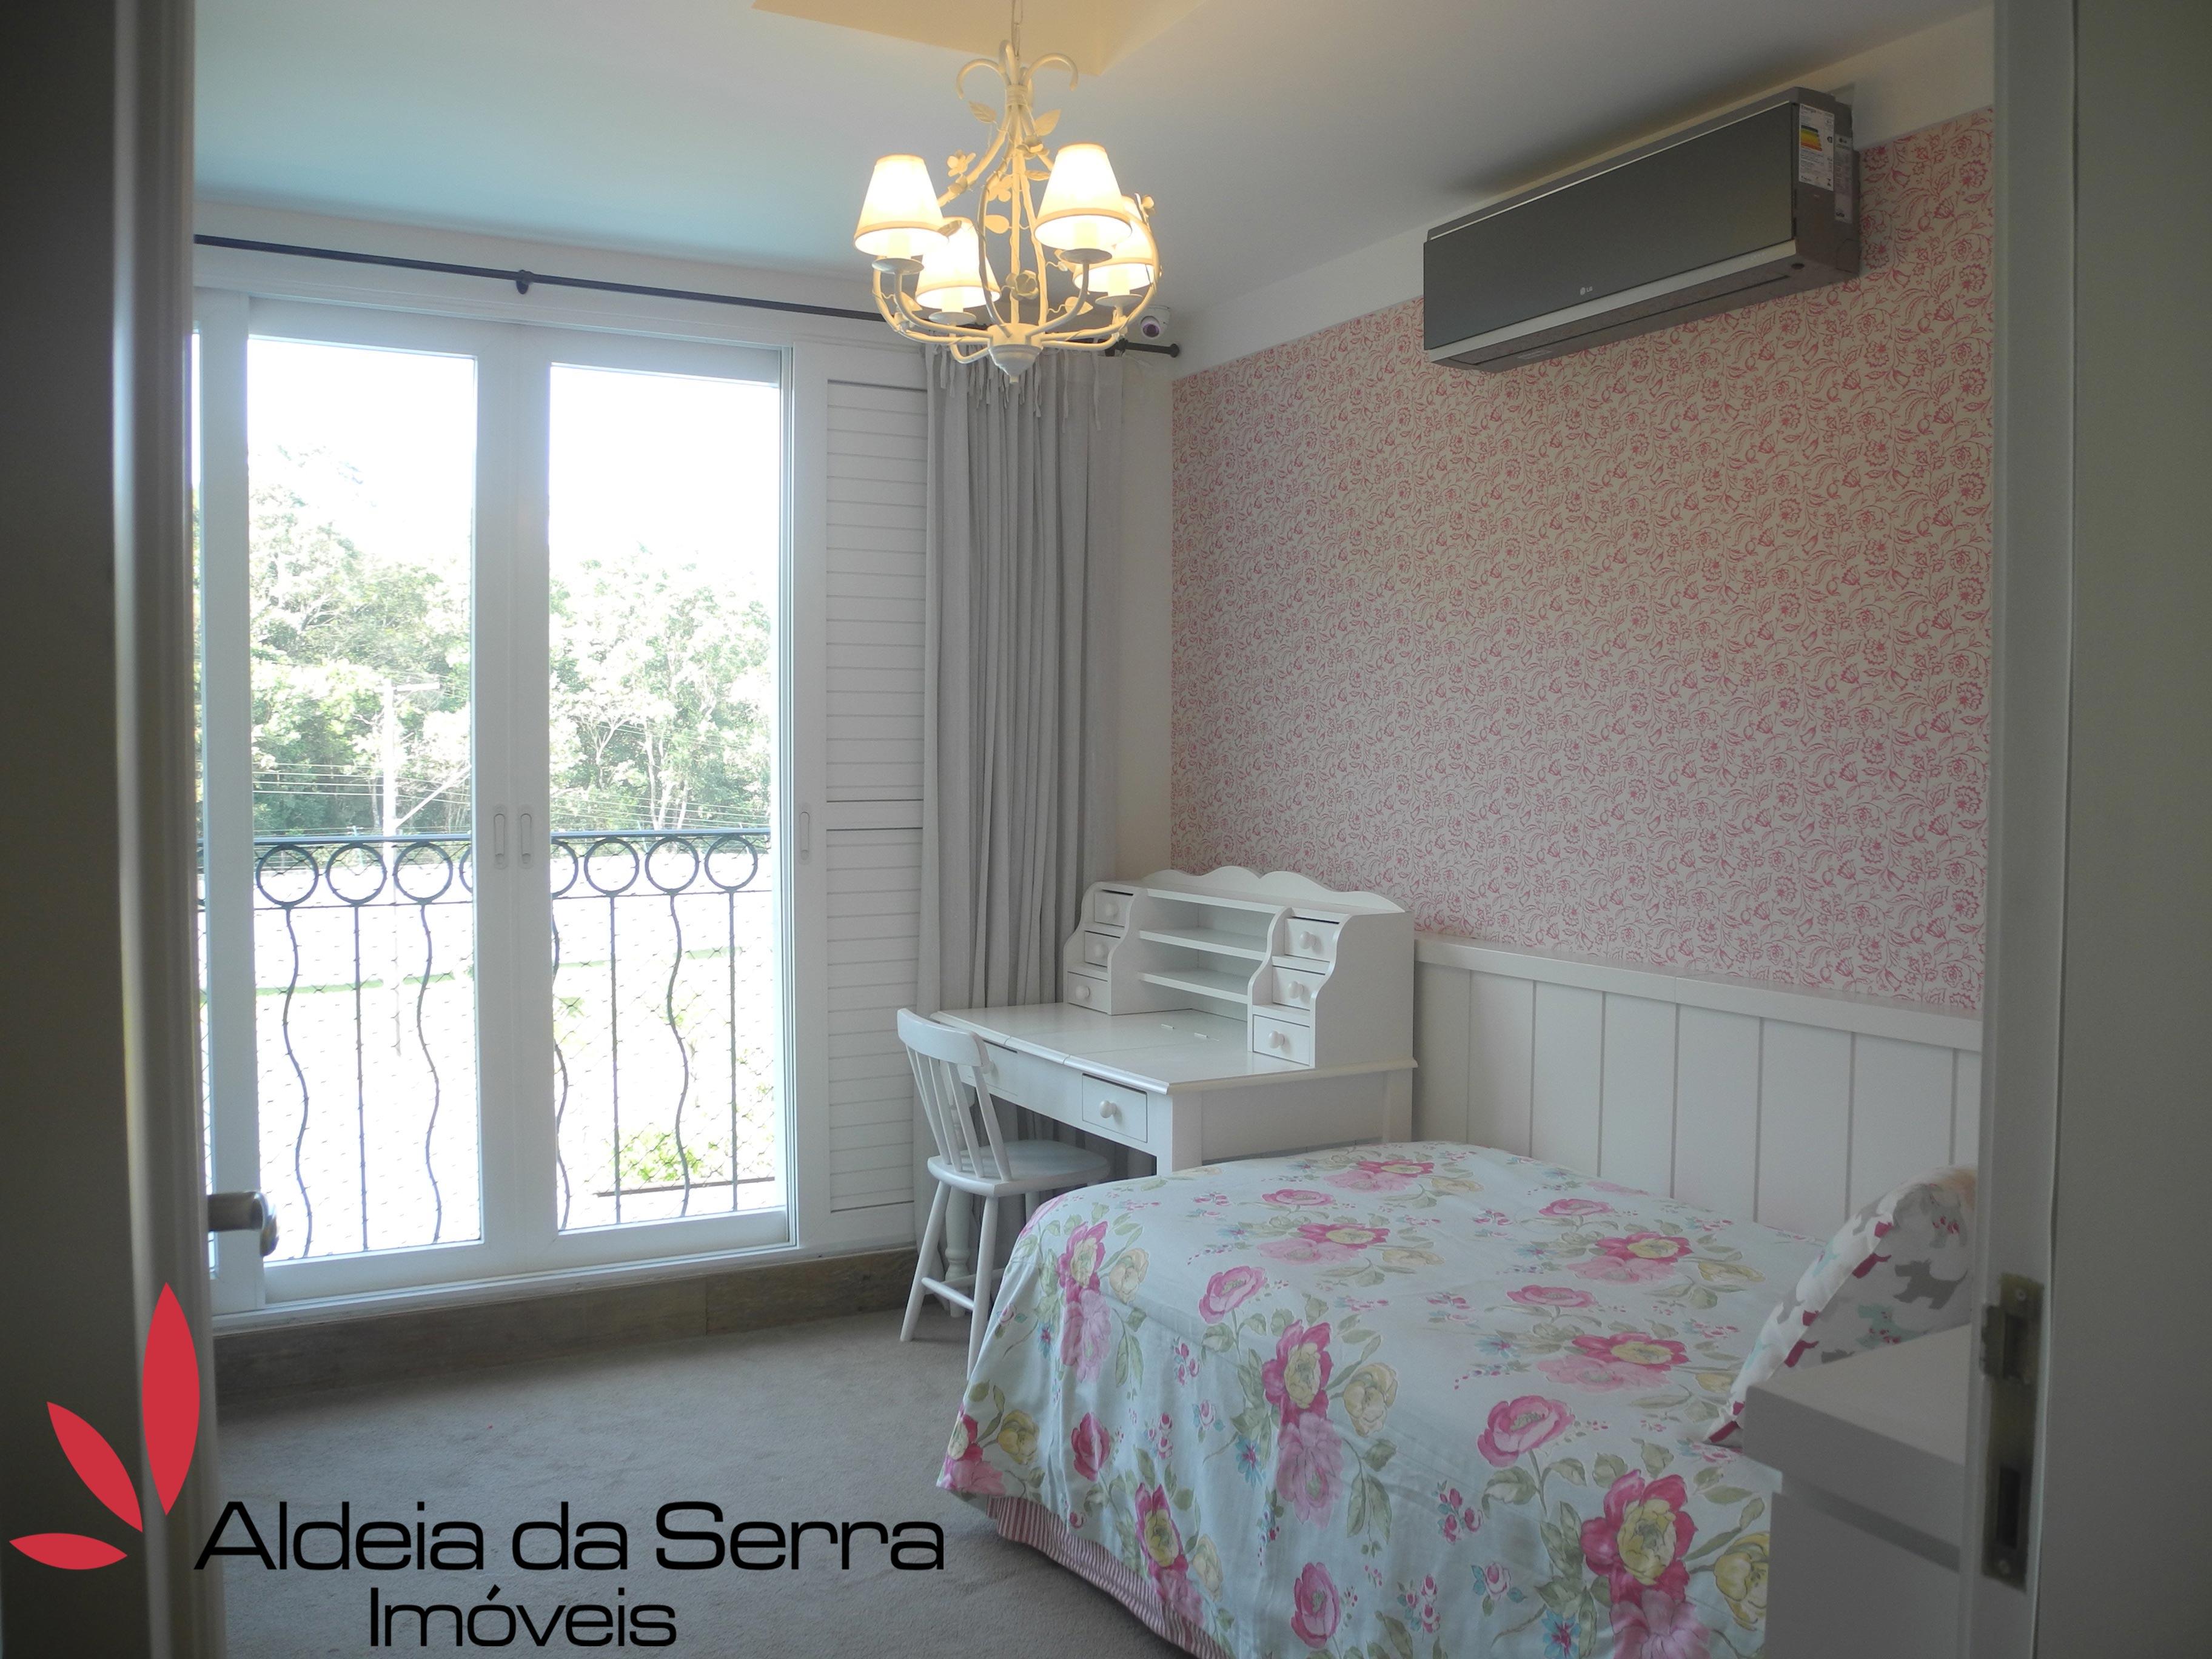 /admin/imoveis/fotos/Morada-dos-lagos-aldeia-da-serra-venda-jpg6.jpg Aldeia da Serra Imoveis